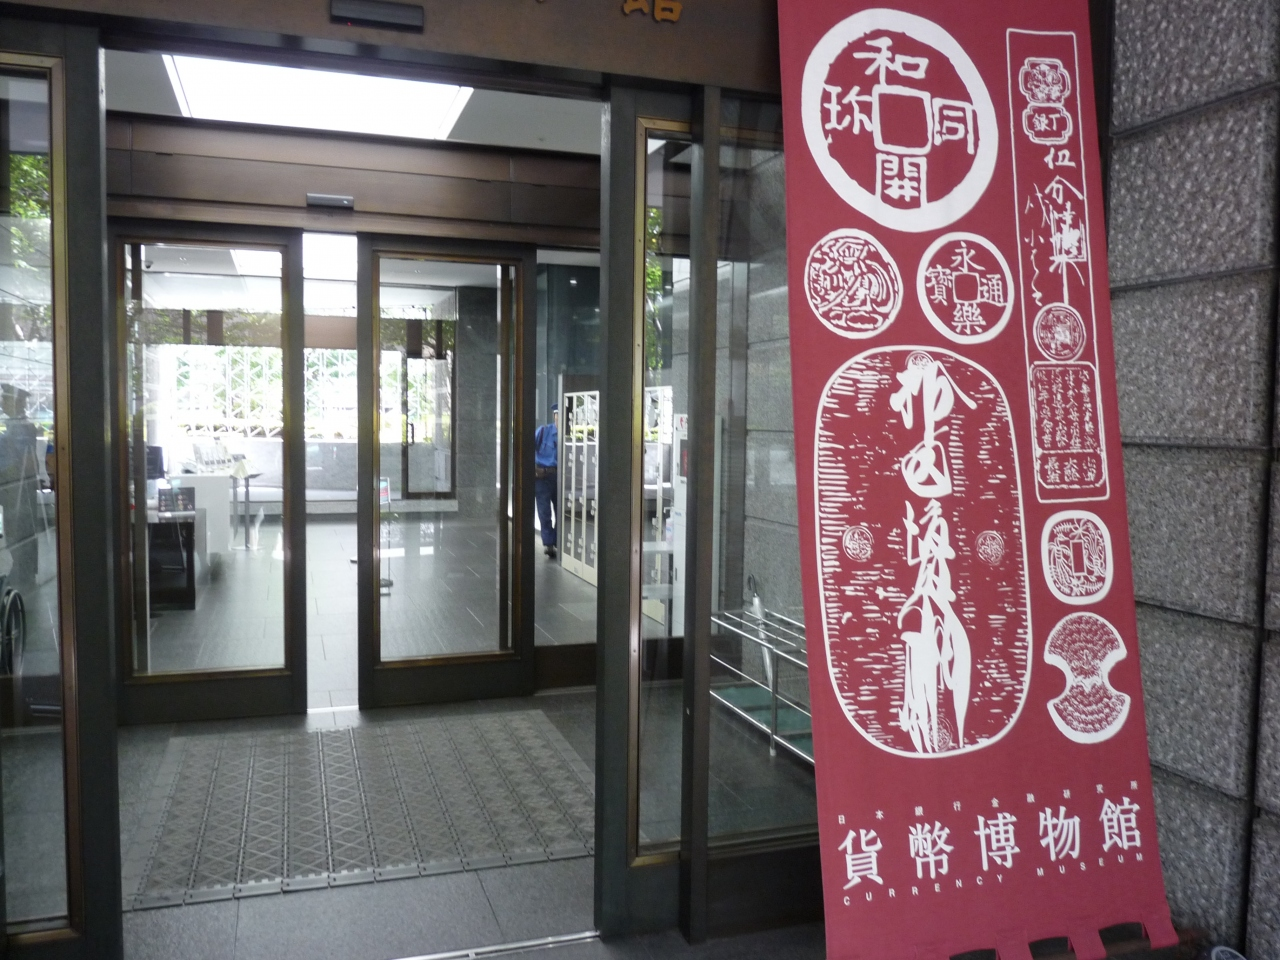 日本銀行金融研究所 貨幣博物館のクチコミ(1ページ)